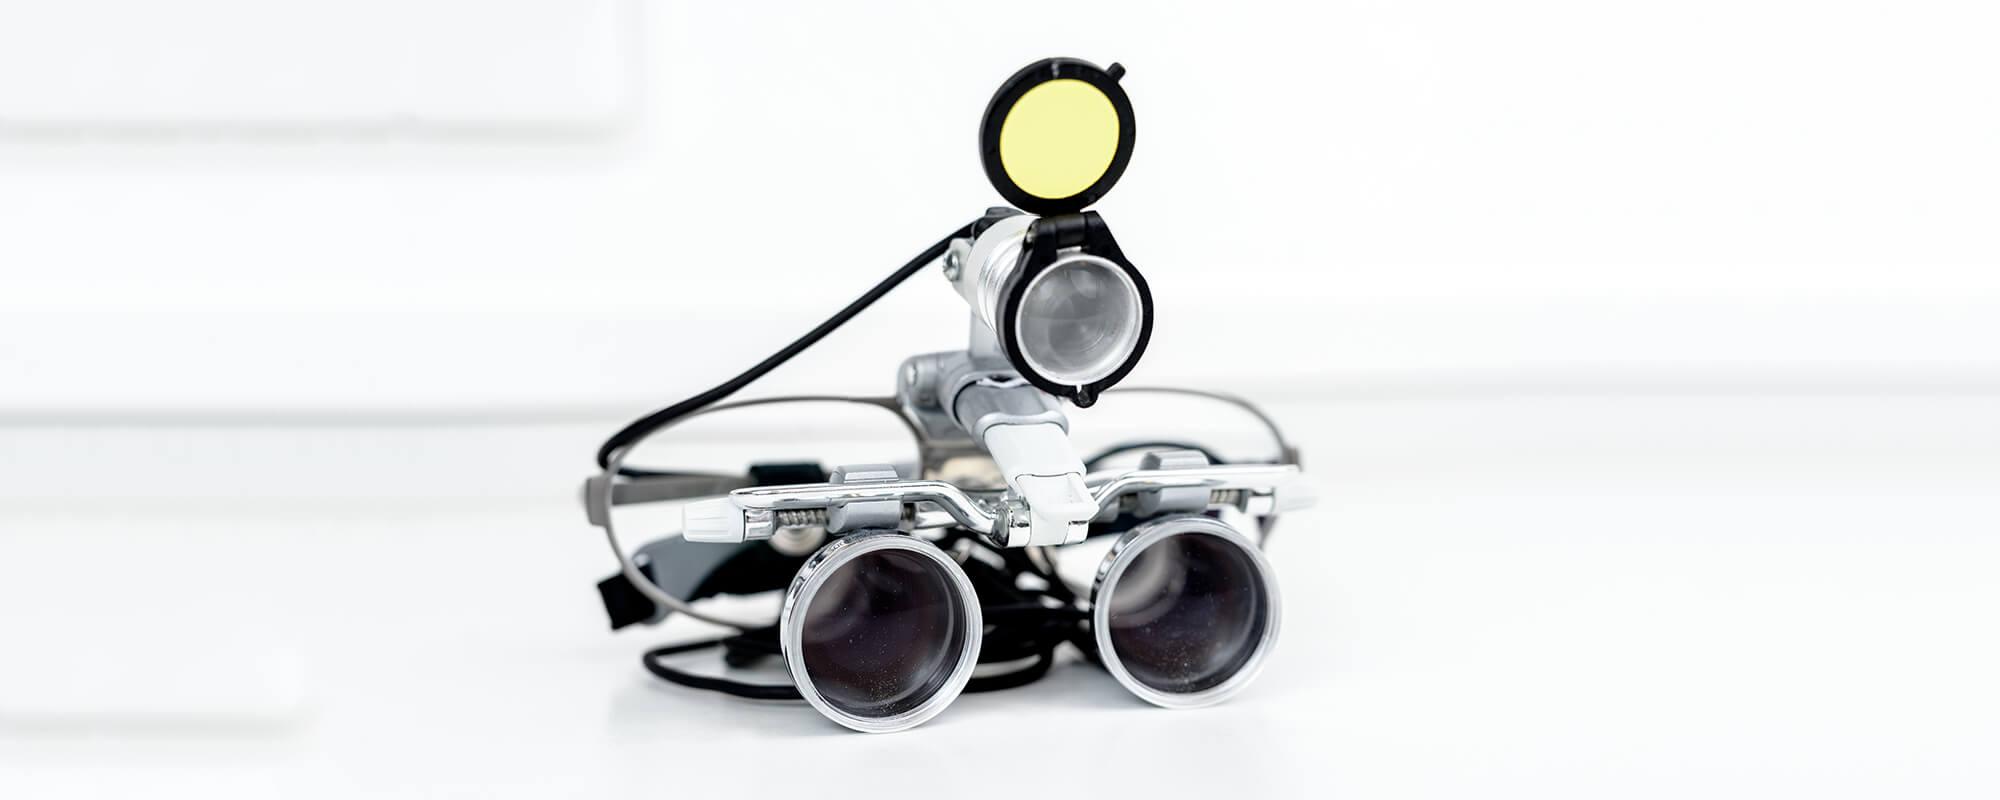 Zahnarzt Remscheid - Praxis Waldau - Lupenbrille